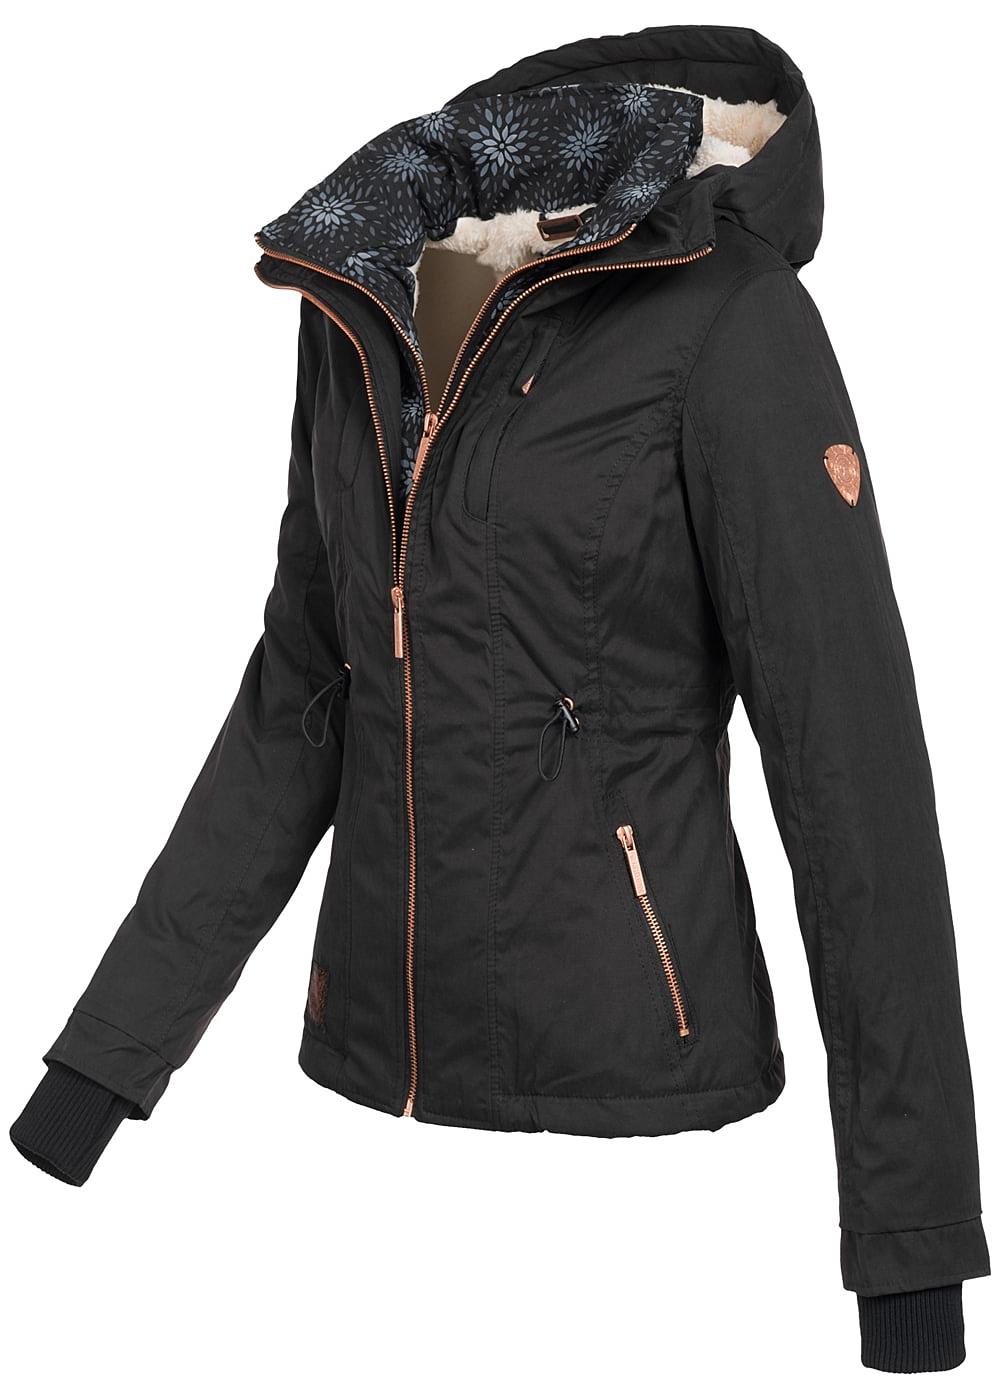 Aiki Damen Winter Jacke Kapuze 2 Zip Taschen vorne ...